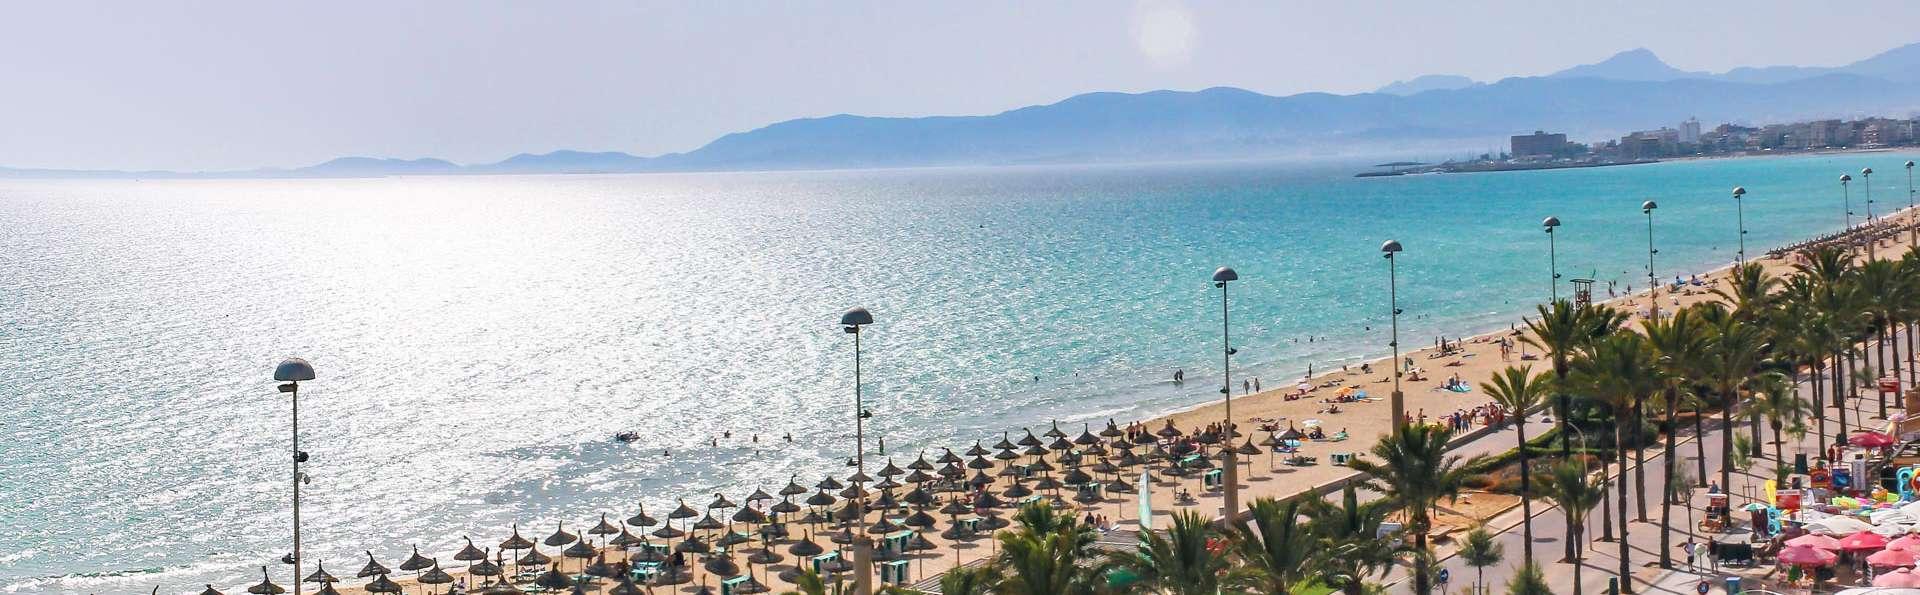 Profitez de l'été à deux pas de Palma de Majorque